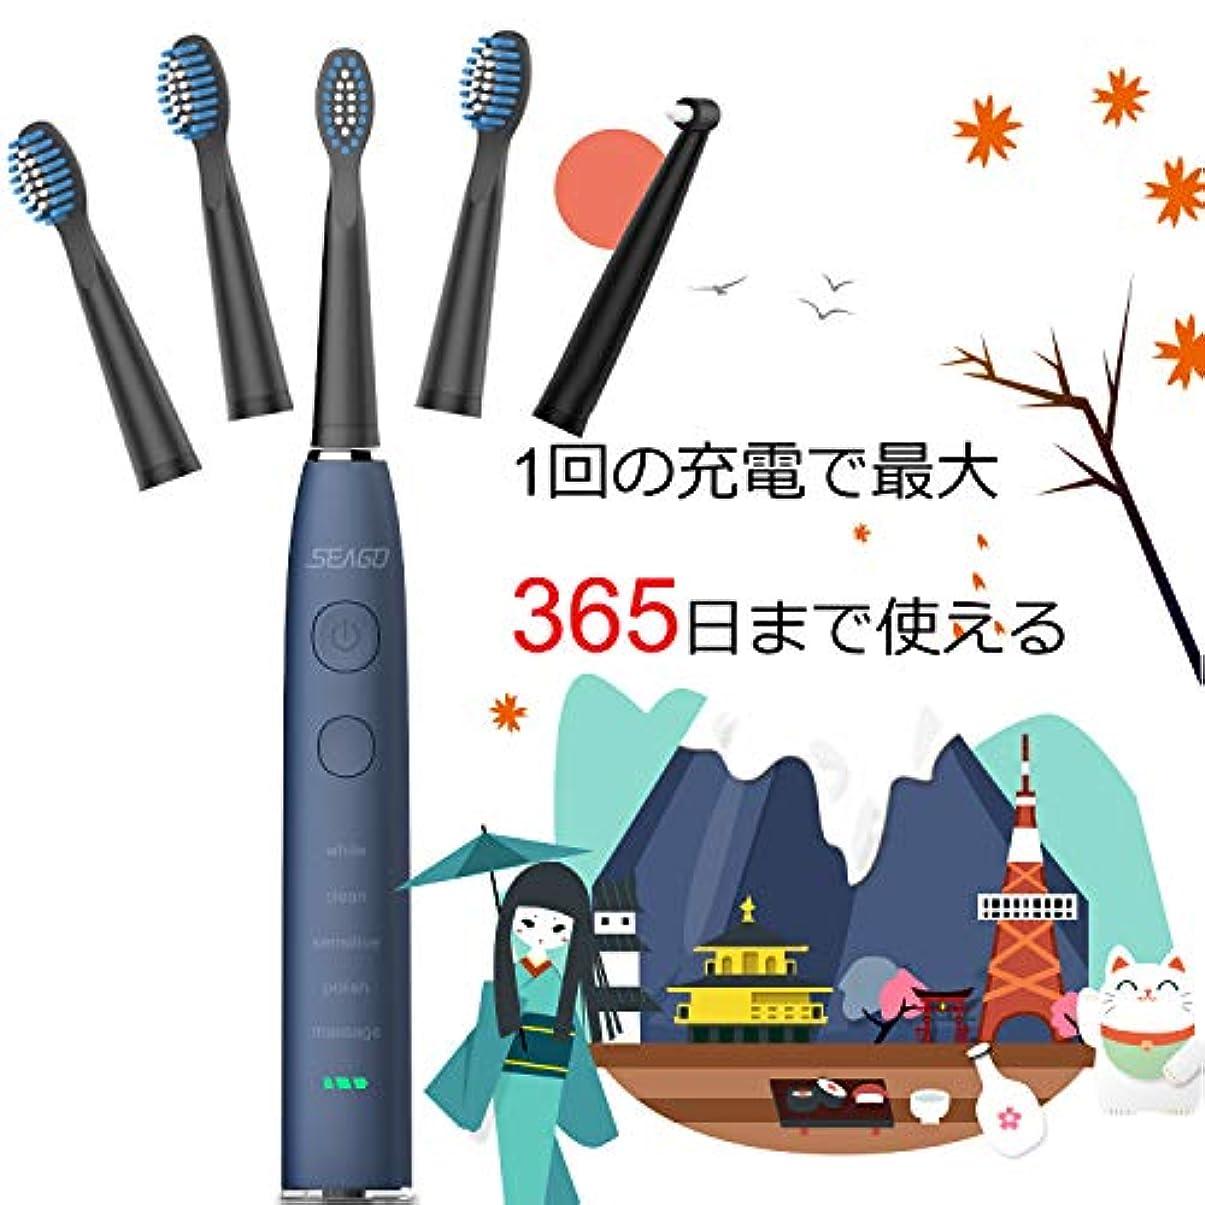 ラフ止まる受け継ぐ電動歯ブラシ 歯ブラシ seago 音波歯ブラシ USB充電式8時間 365日に使用 IPX7防水 五つモードと2分オートタイマー機能搭載 替えブラシ5本 12ヶ月メーカー保証 SG-575(ブルー)